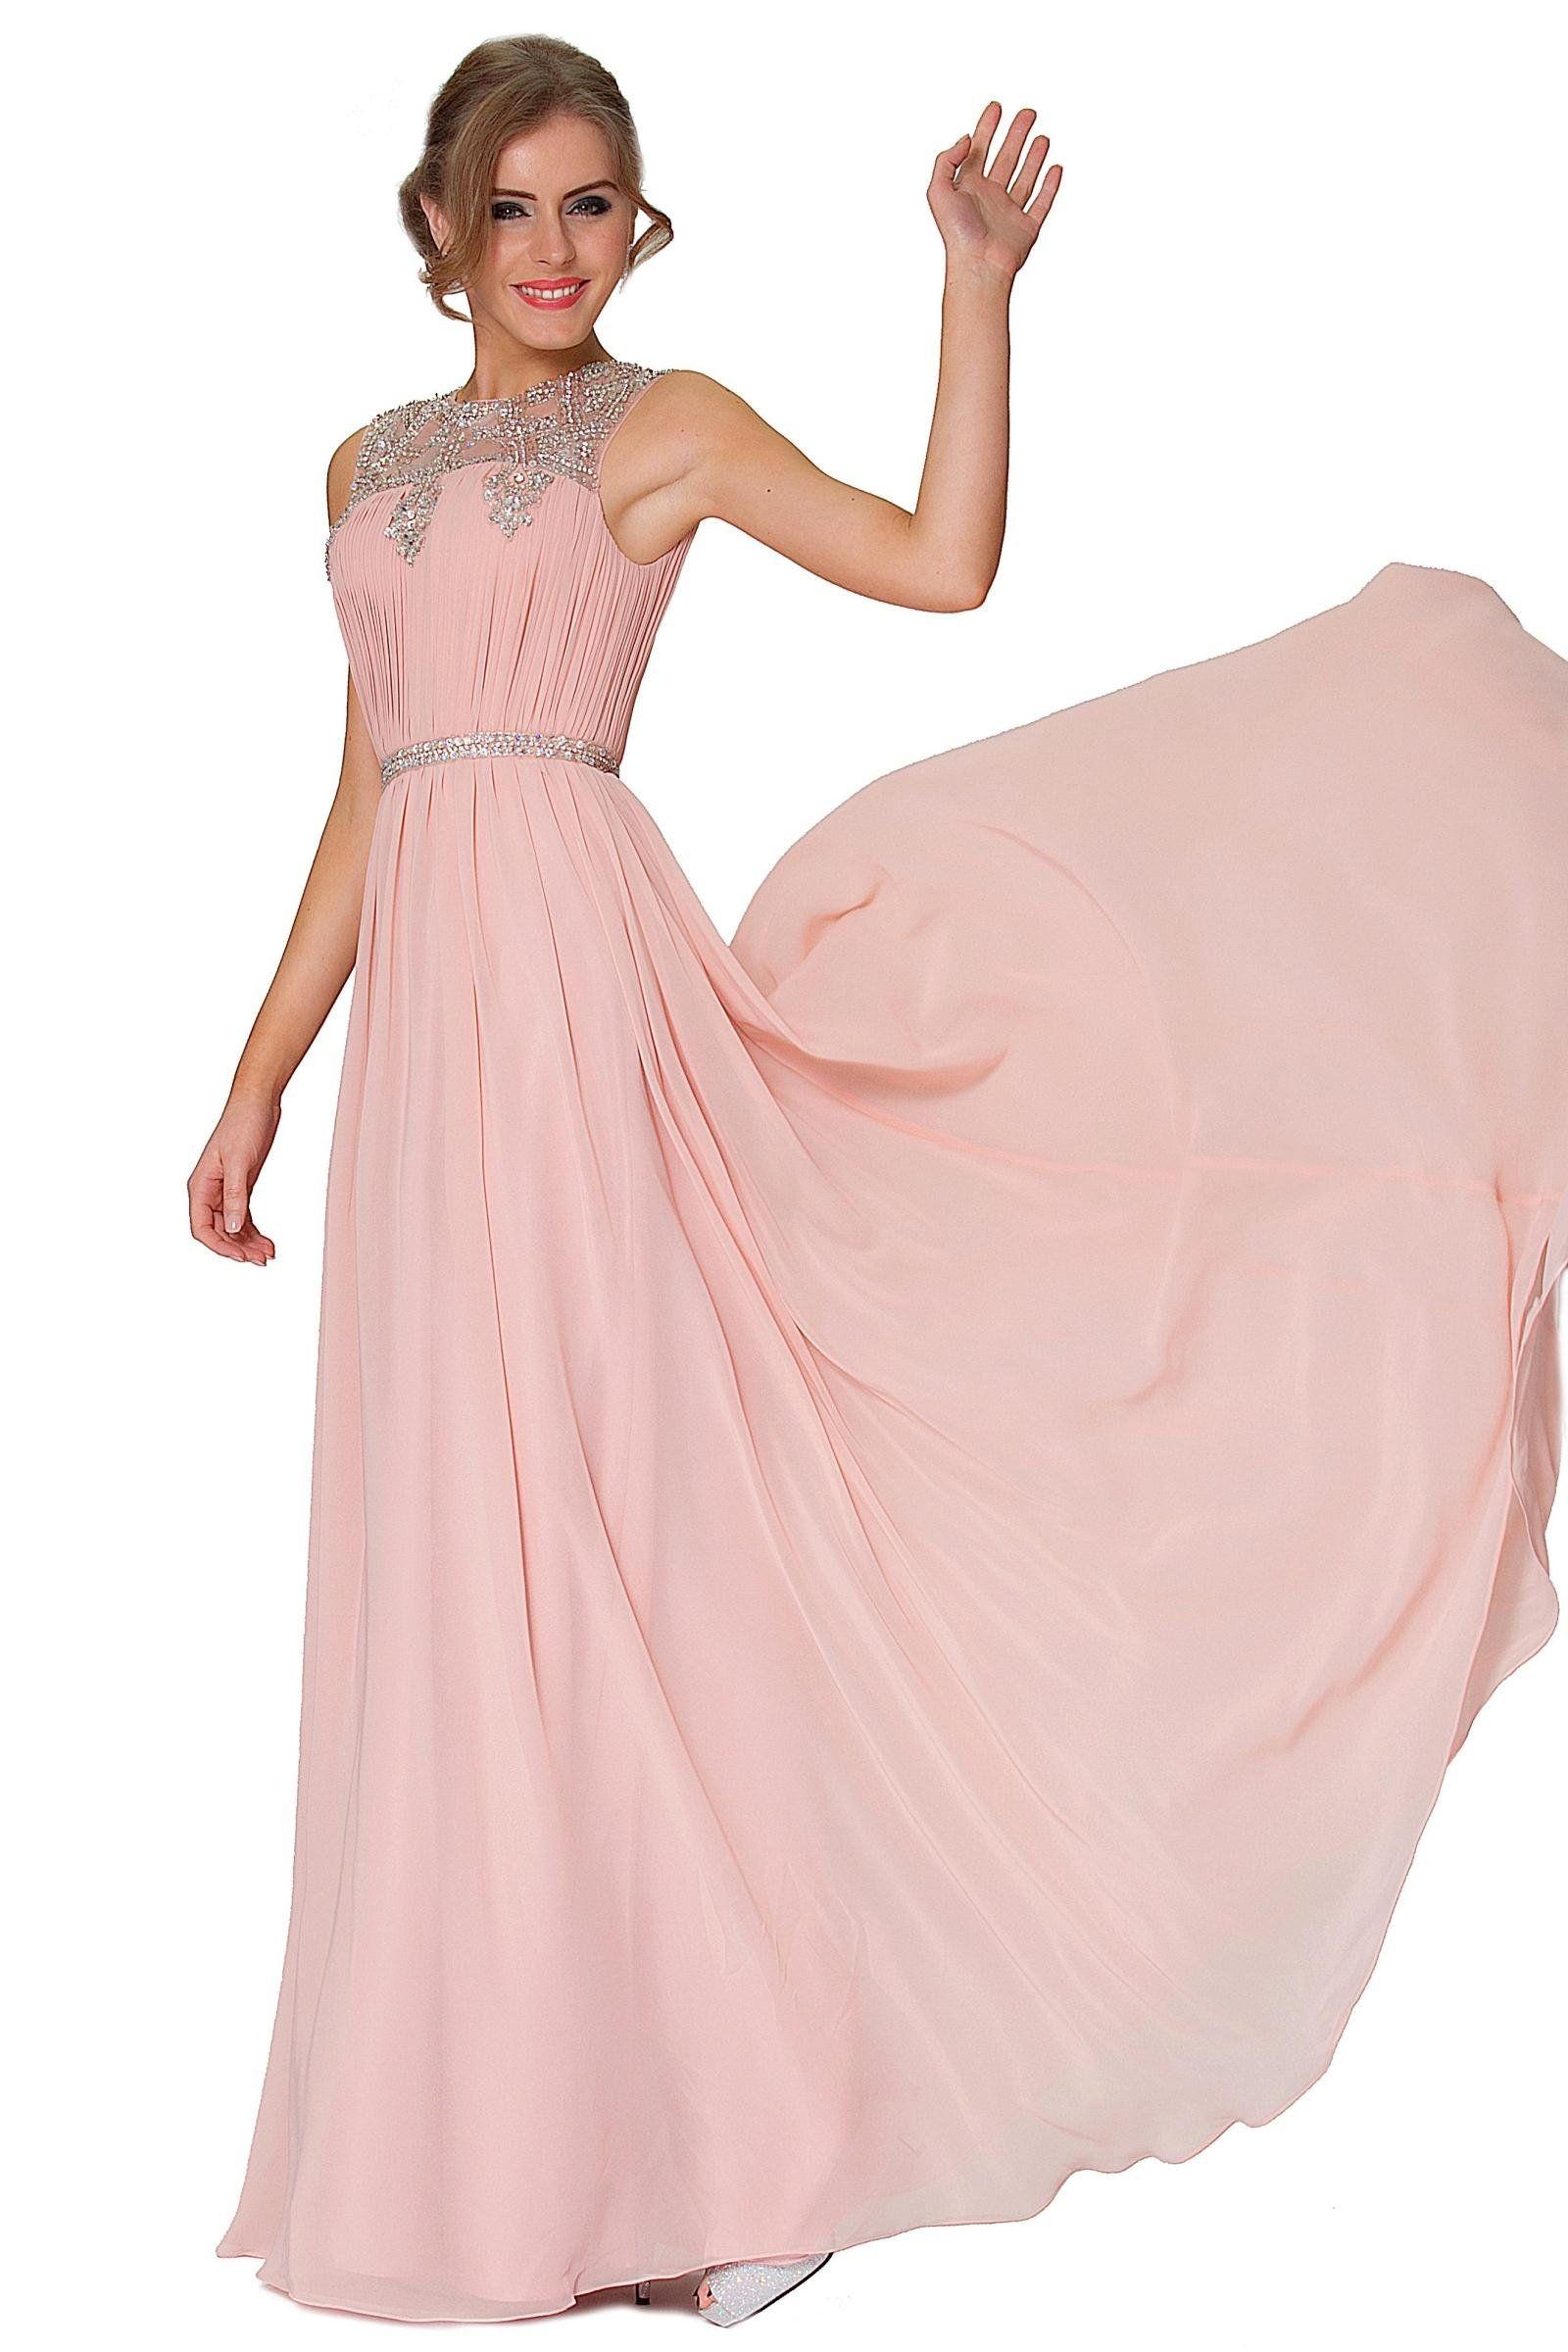 SEXYHER Blushpink Encanto Crystal detalla largo vestido de dama de noche - EDYP8011